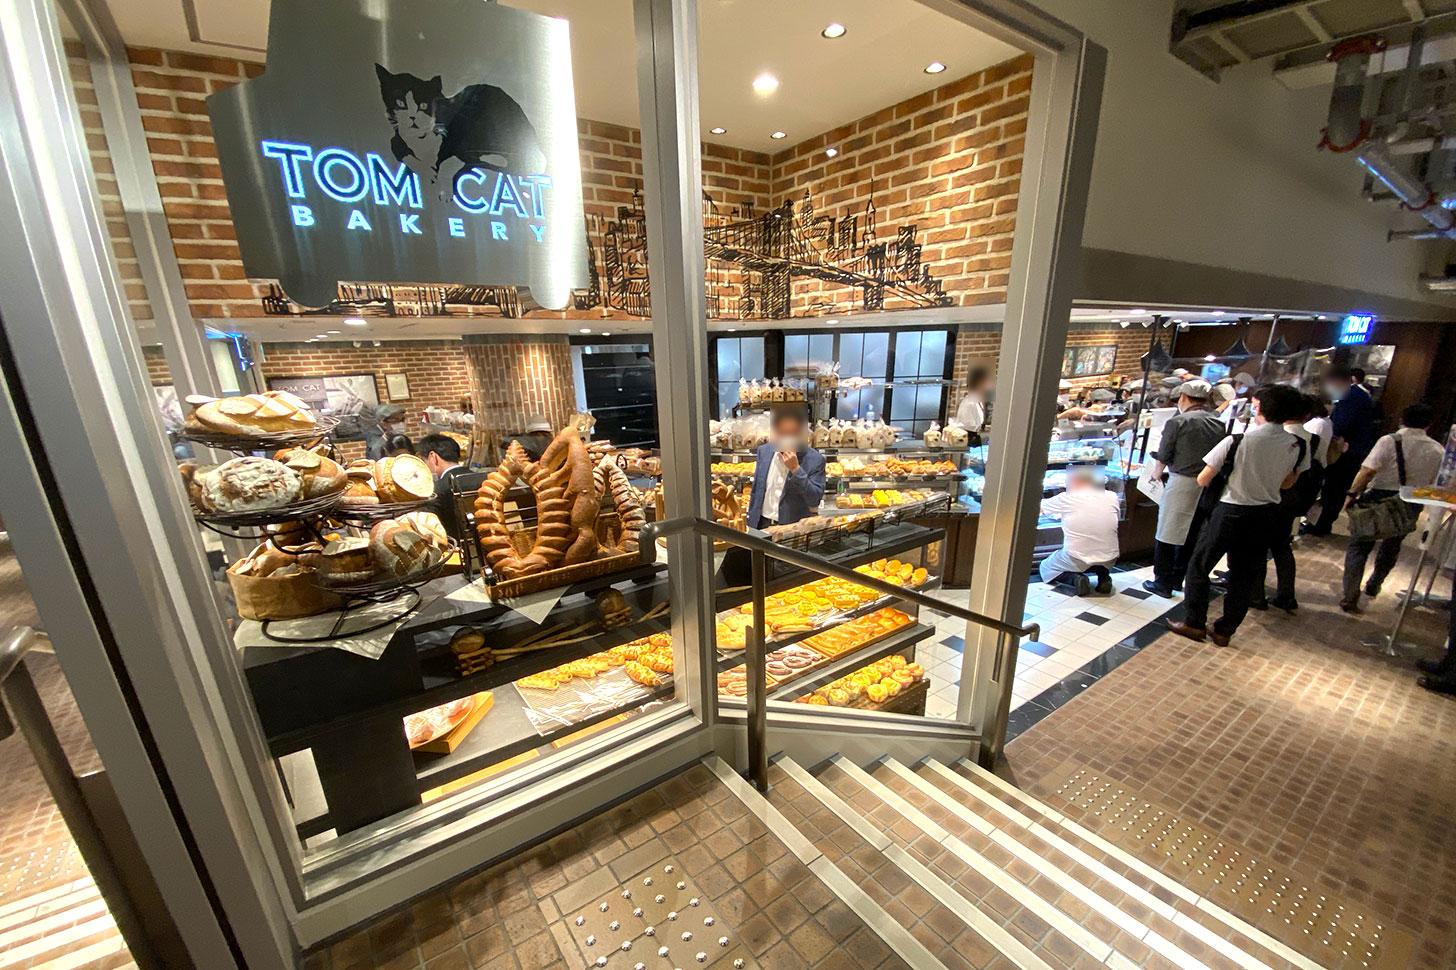 日本初「トムキャット」のベーカリーが広くてパンも充実、大満足!シァル横浜